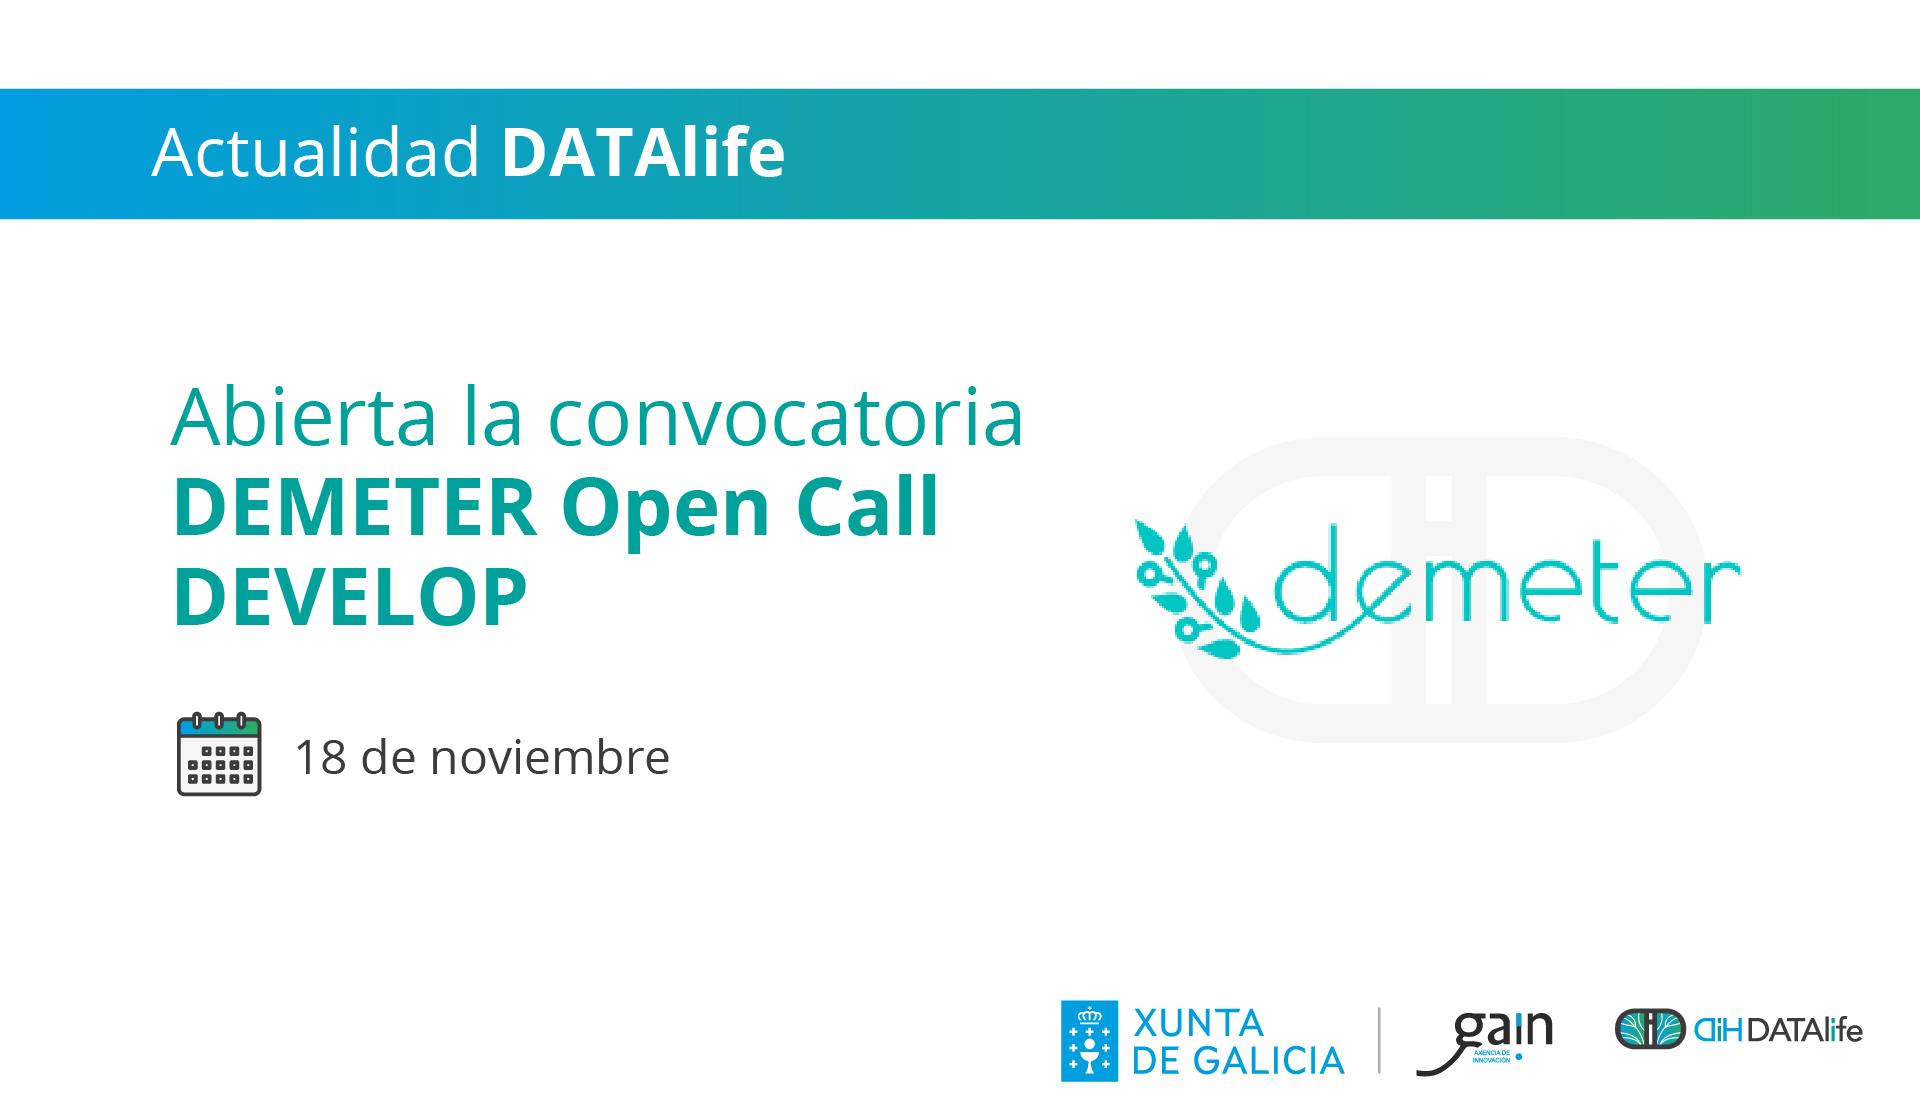 demeter open call